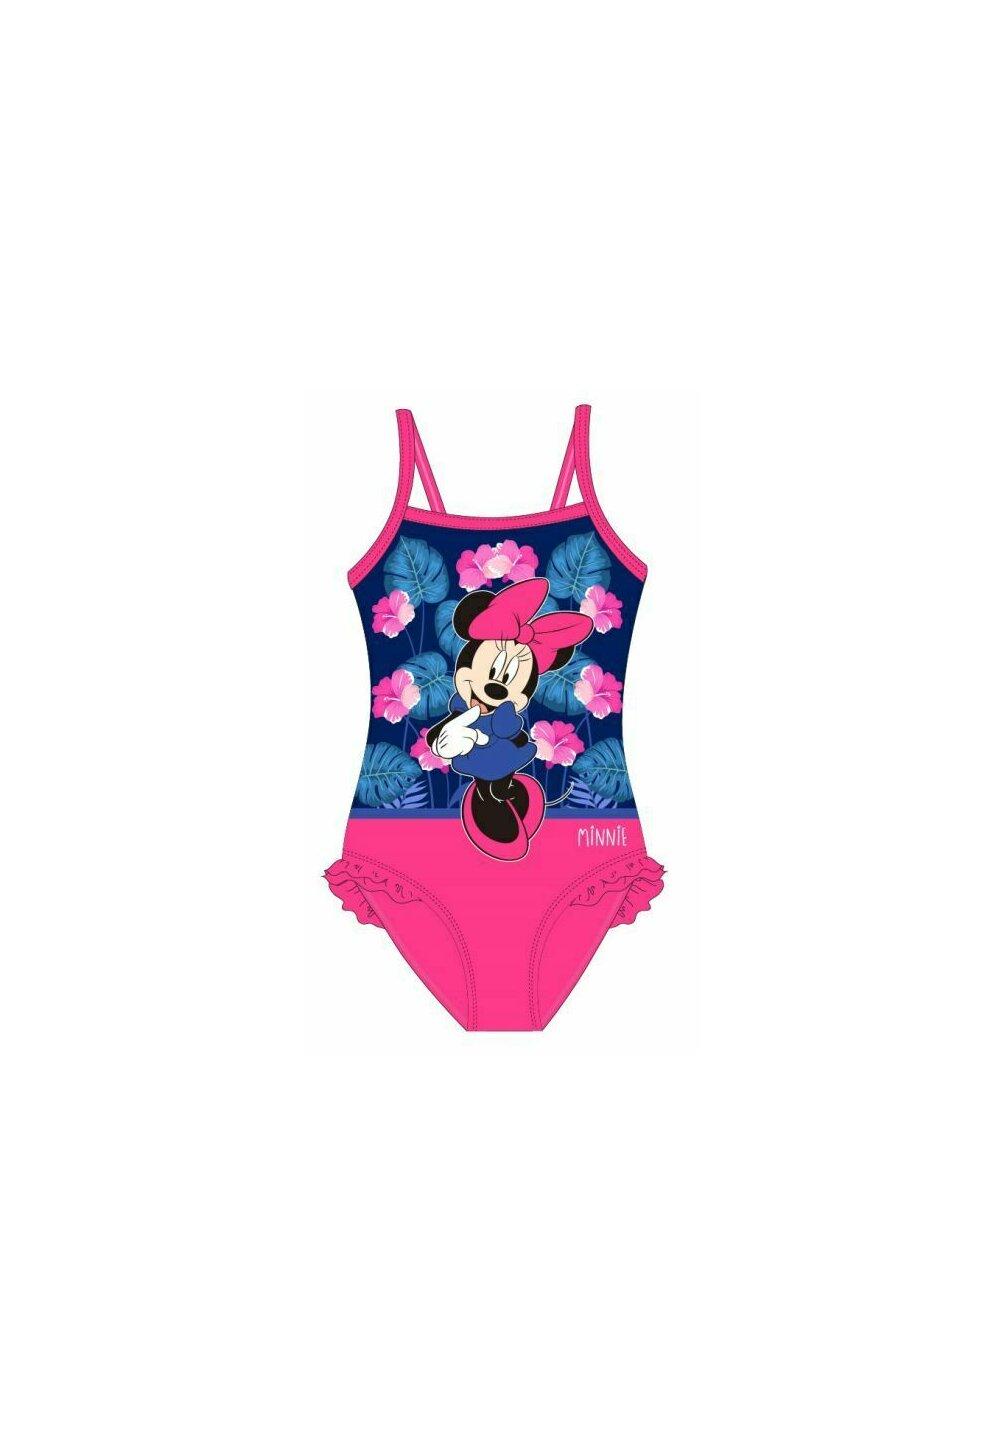 Costum de baie, intreg, Minnie, roz cu floricele imagine